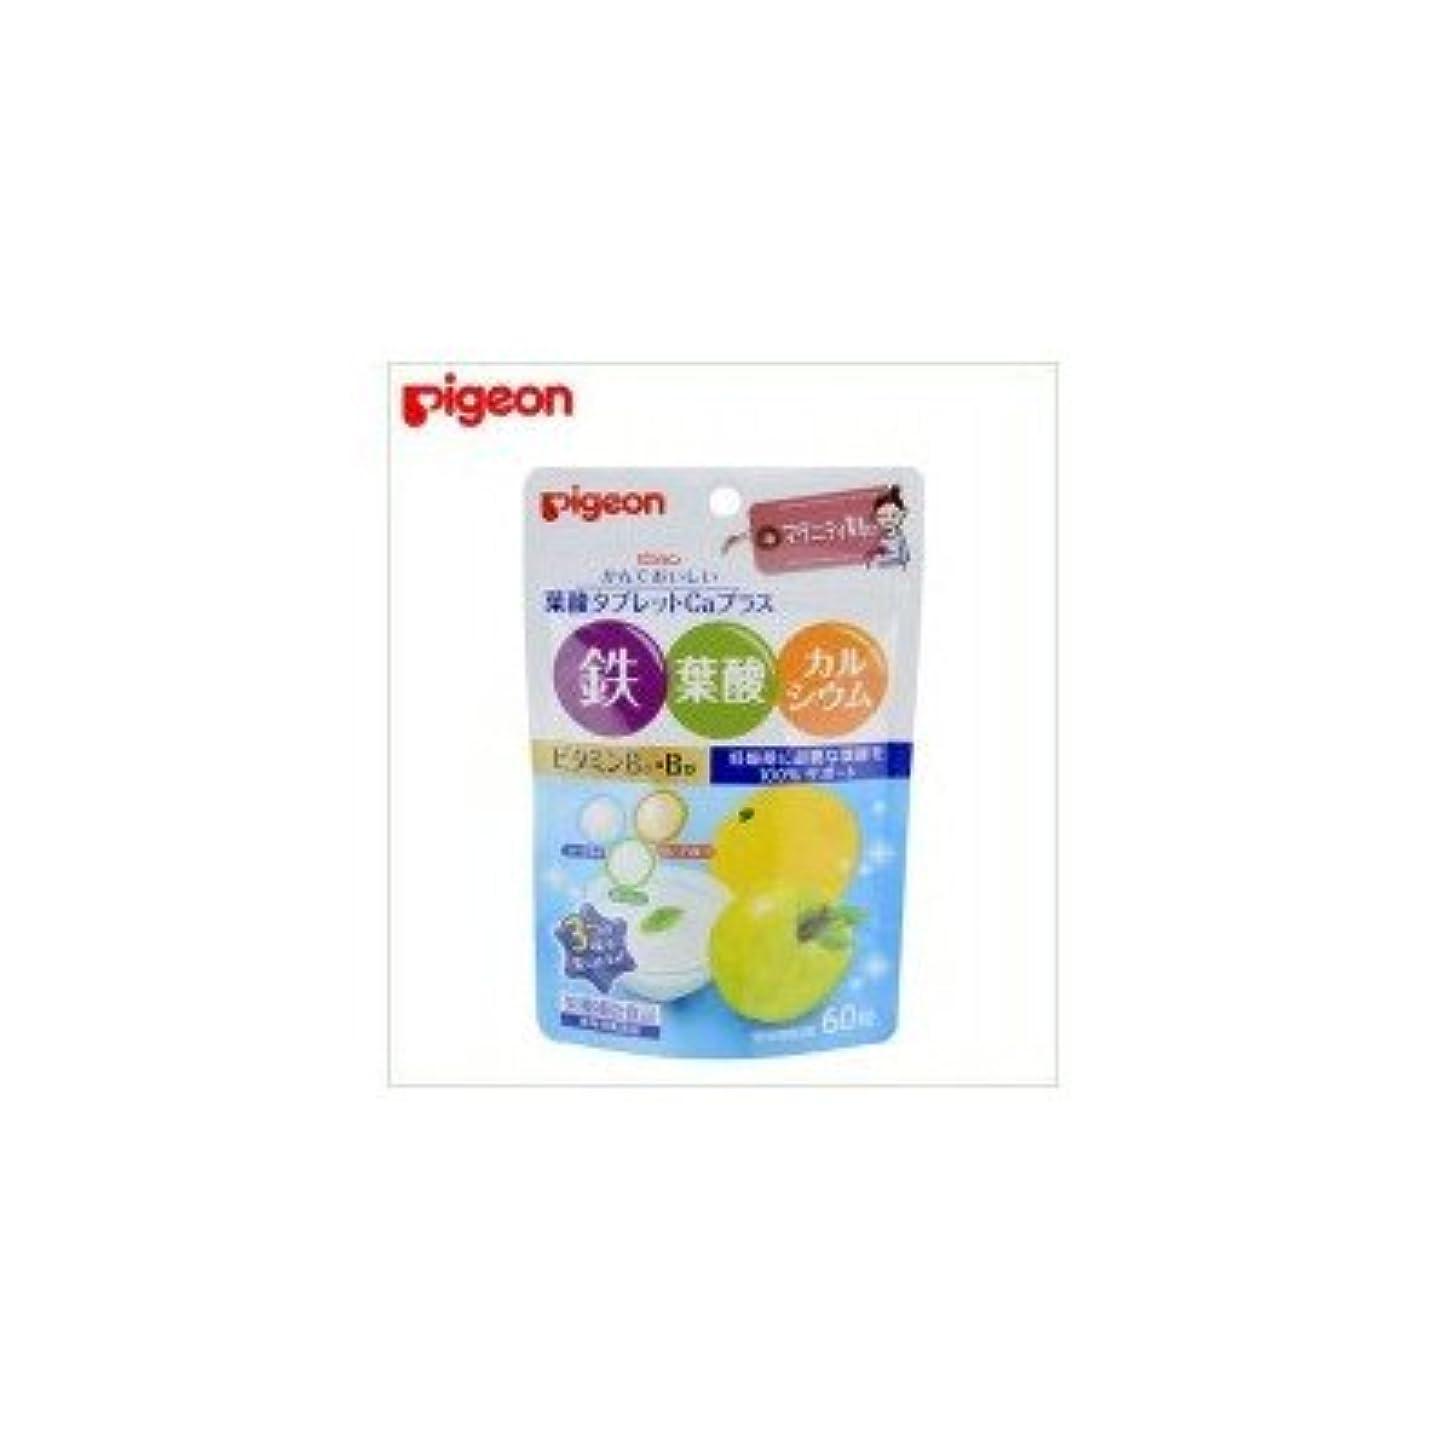 め言葉狂気スチュワードPigeon(ピジョン) サプリメント 栄養補助食品 かんでおいしい葉酸タブレット Caプラス 60粒 20446